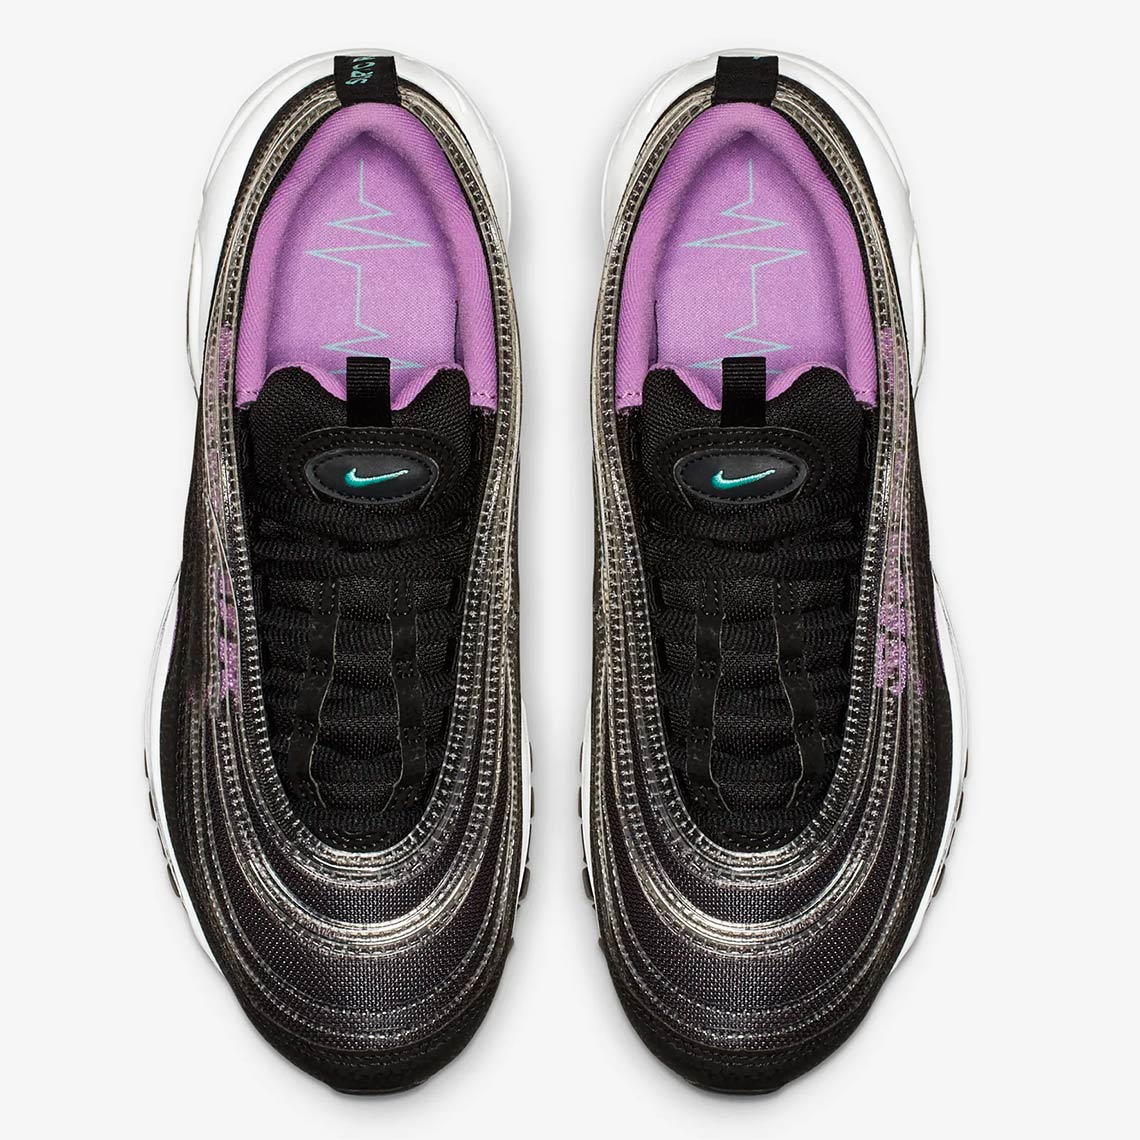 Nike Air Max 97 Doernbecher Womens